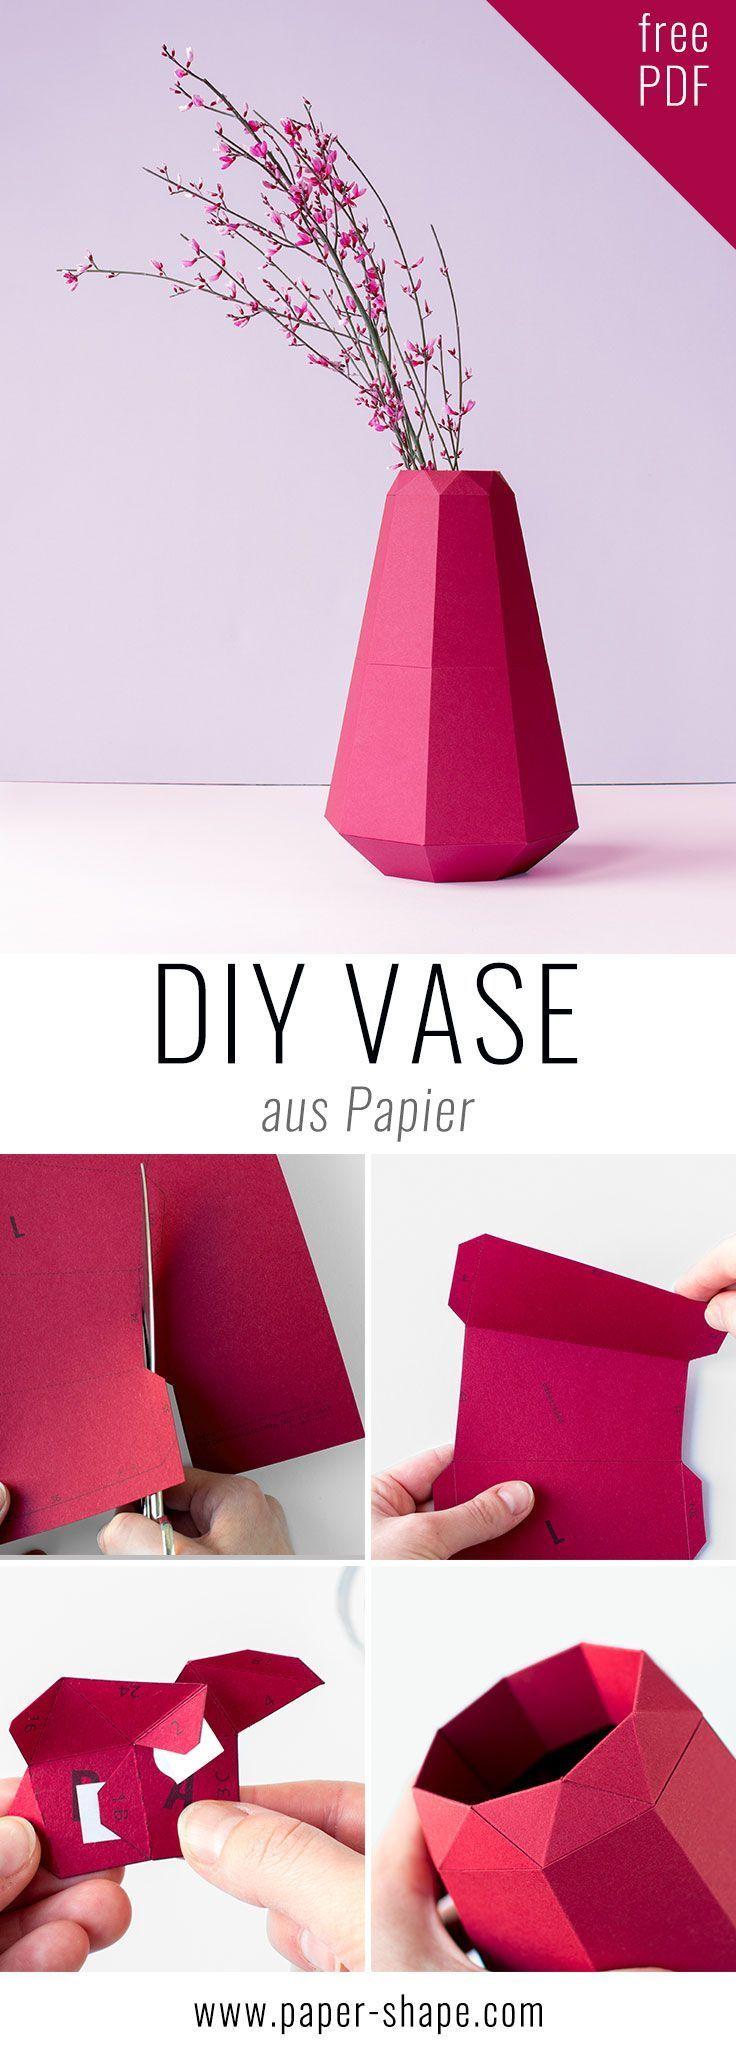 Einfaches haustürdesign diy vase aus papier im origamilook mit kostenloser vorlage